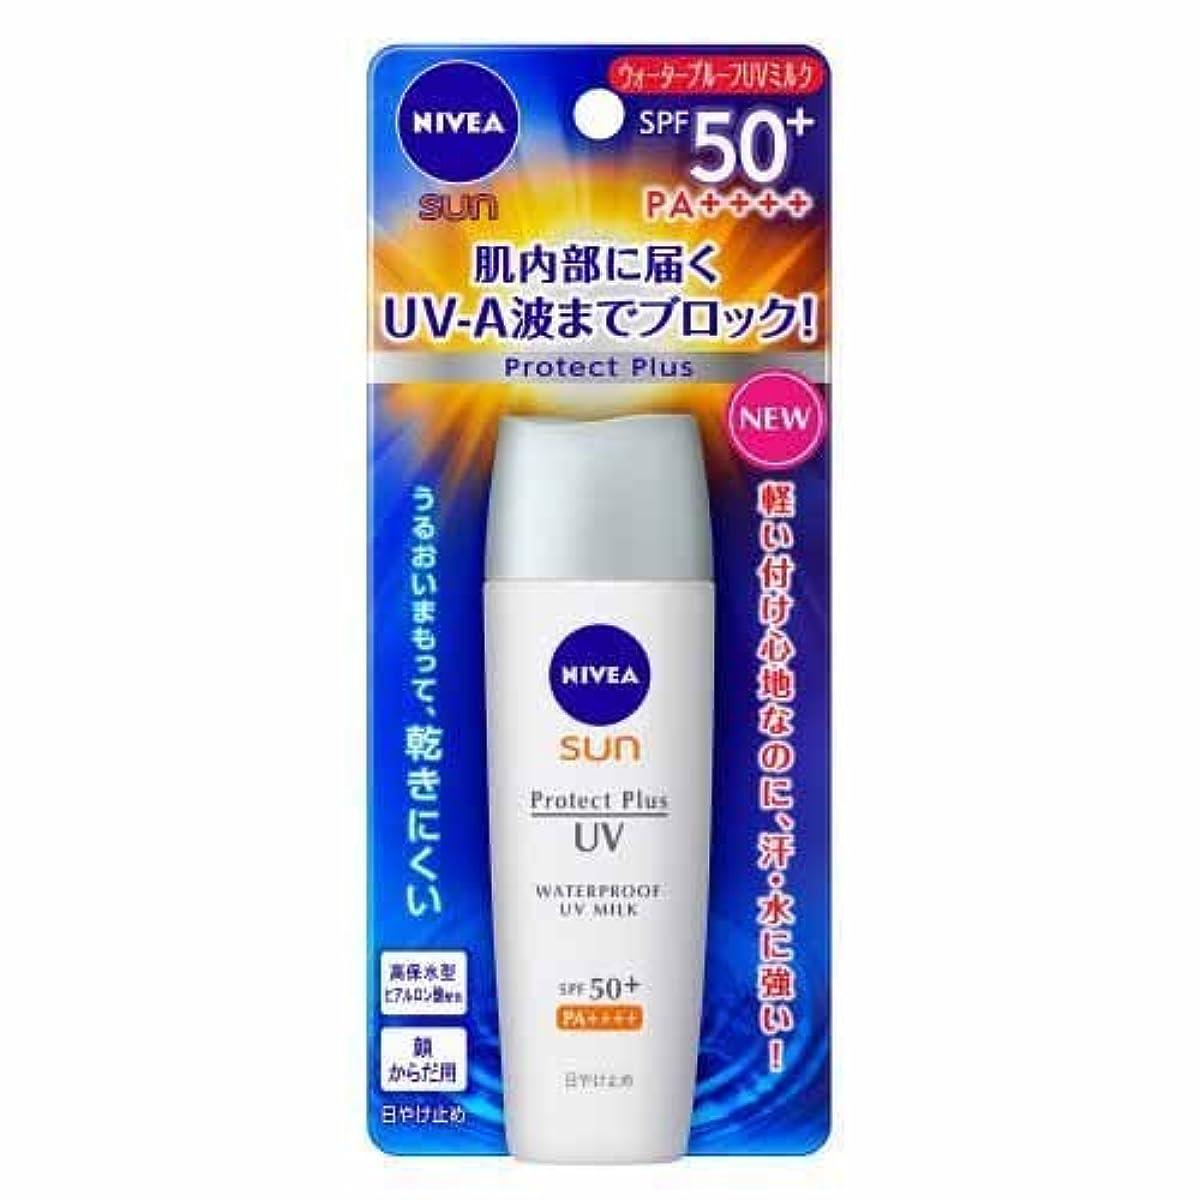 ダニましい不機嫌ニベアサン プロテクトプラス ウォータープルーフUVミルク SPF50+PA++++ 40ml